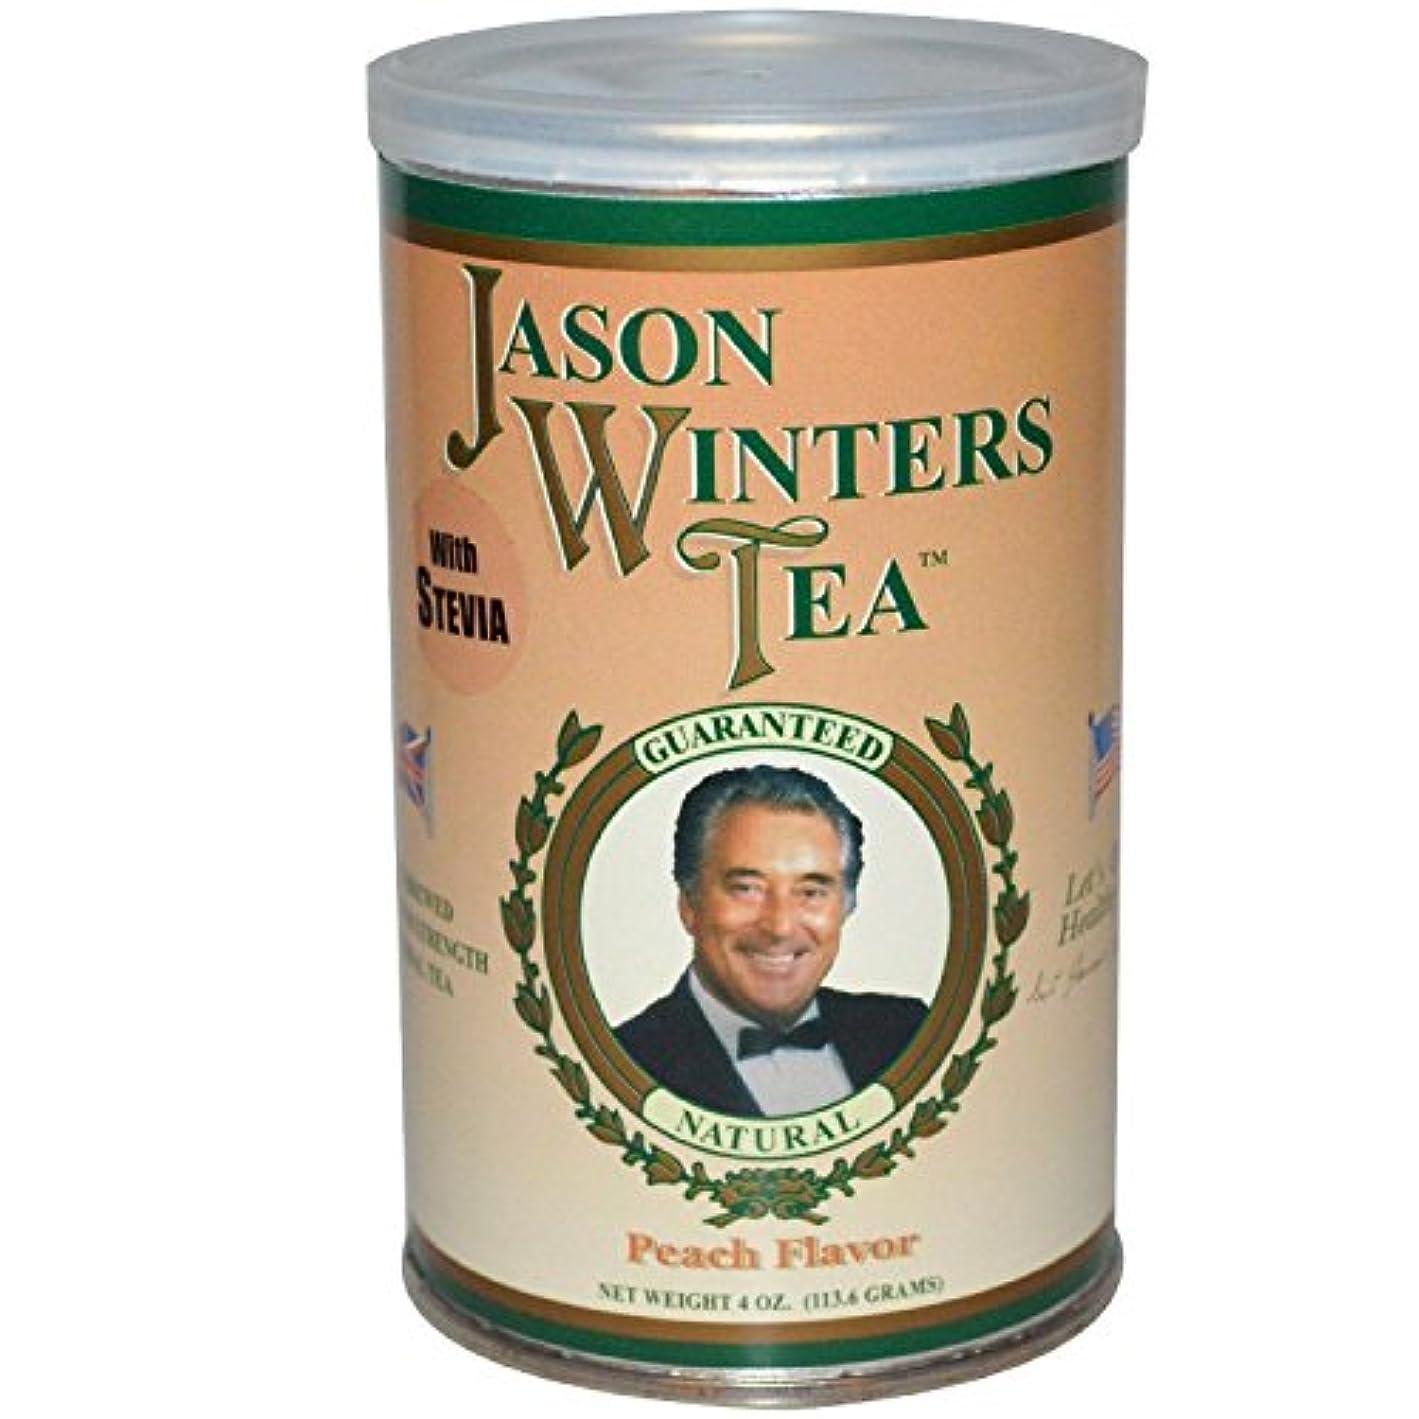 バレルオフセットコロニアル海外直送肘 Pre-Brewed Tea with Stevia, Peach 4 Oz